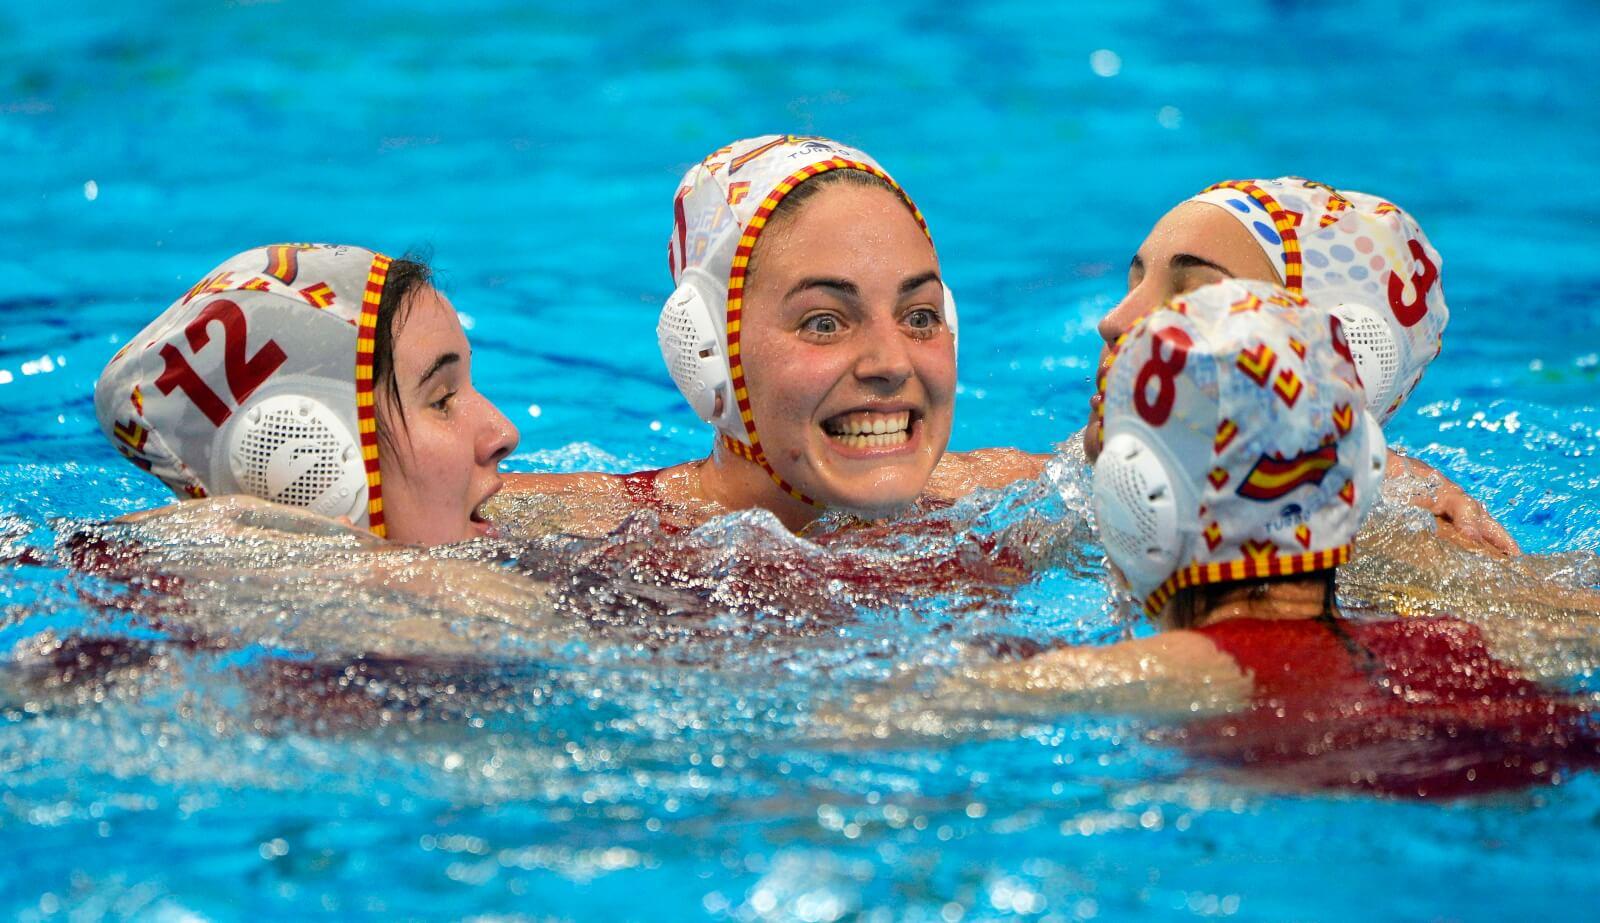 Mistrzostwa Europy w water polo fot. EPA/BALAZS CZAGANY